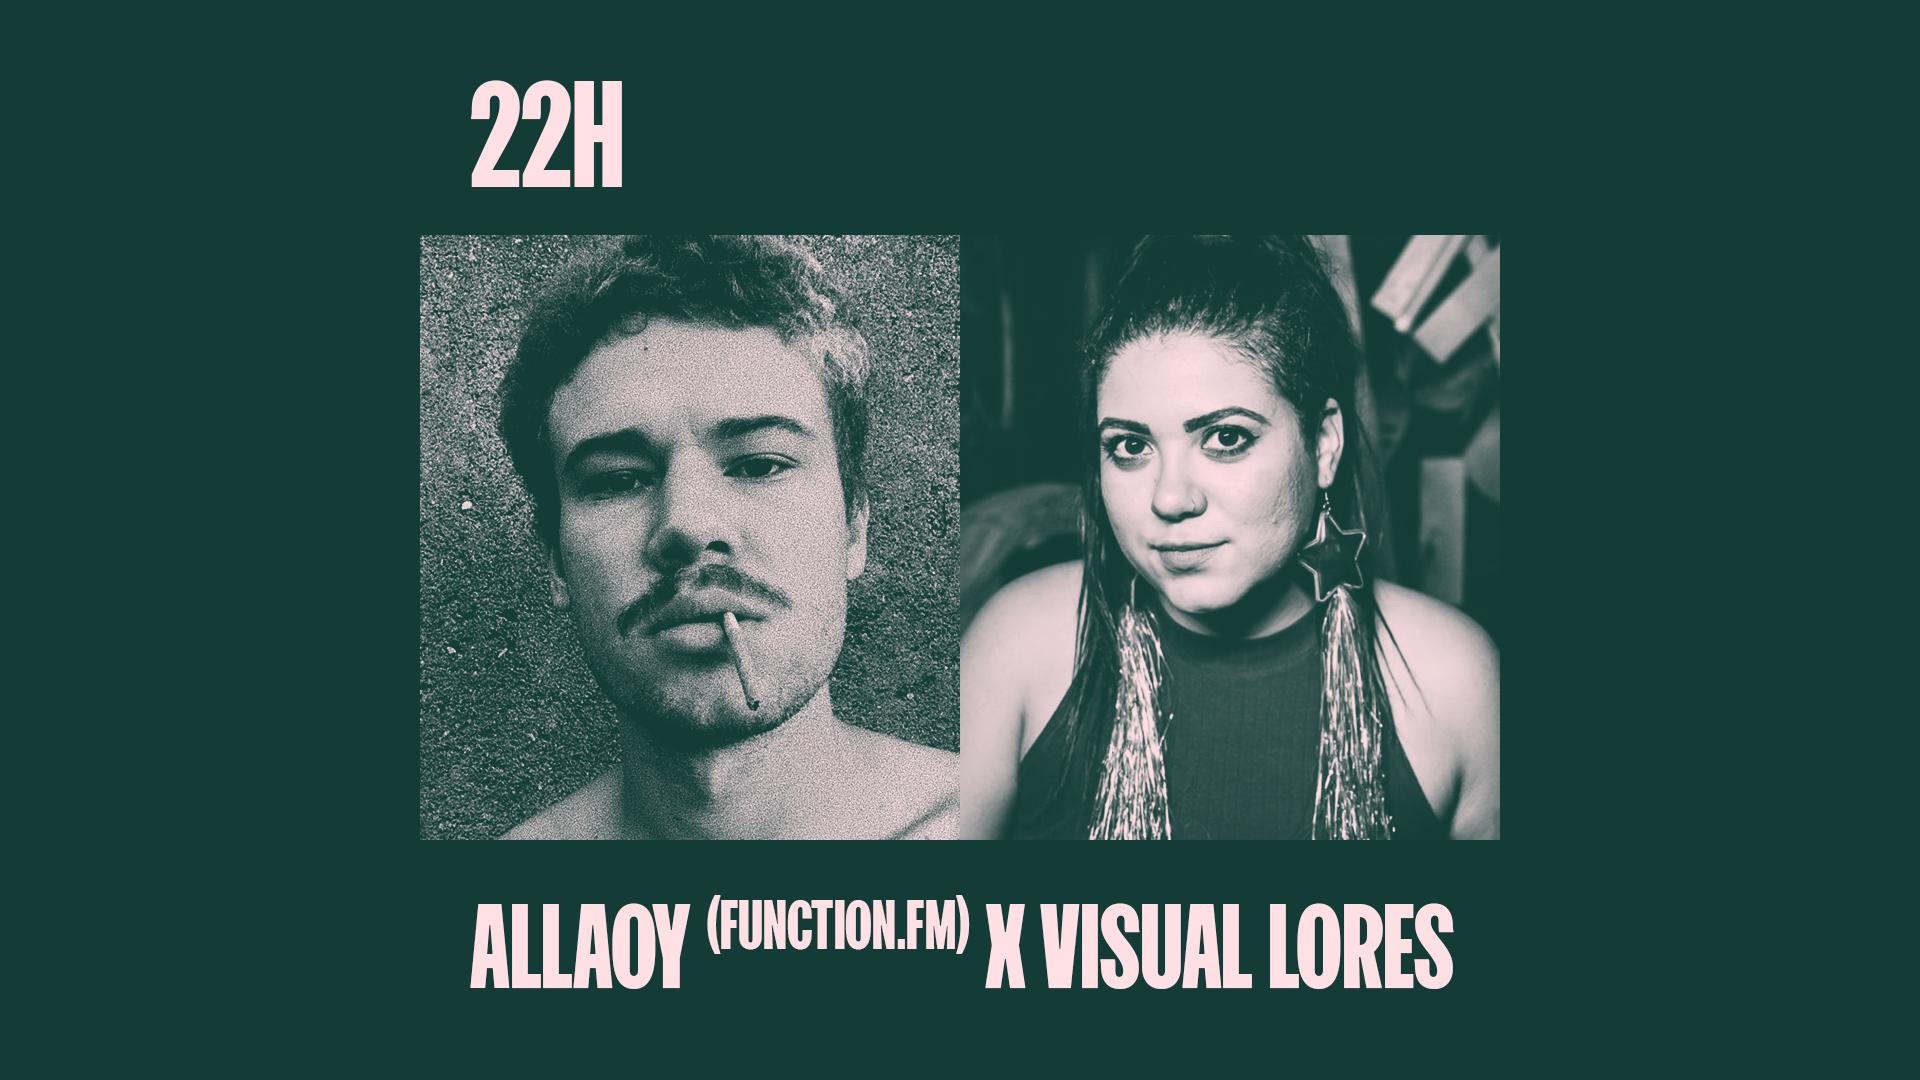 Allaoy (Function.FM) - convidado pela SUJXXX  x Visual Lores